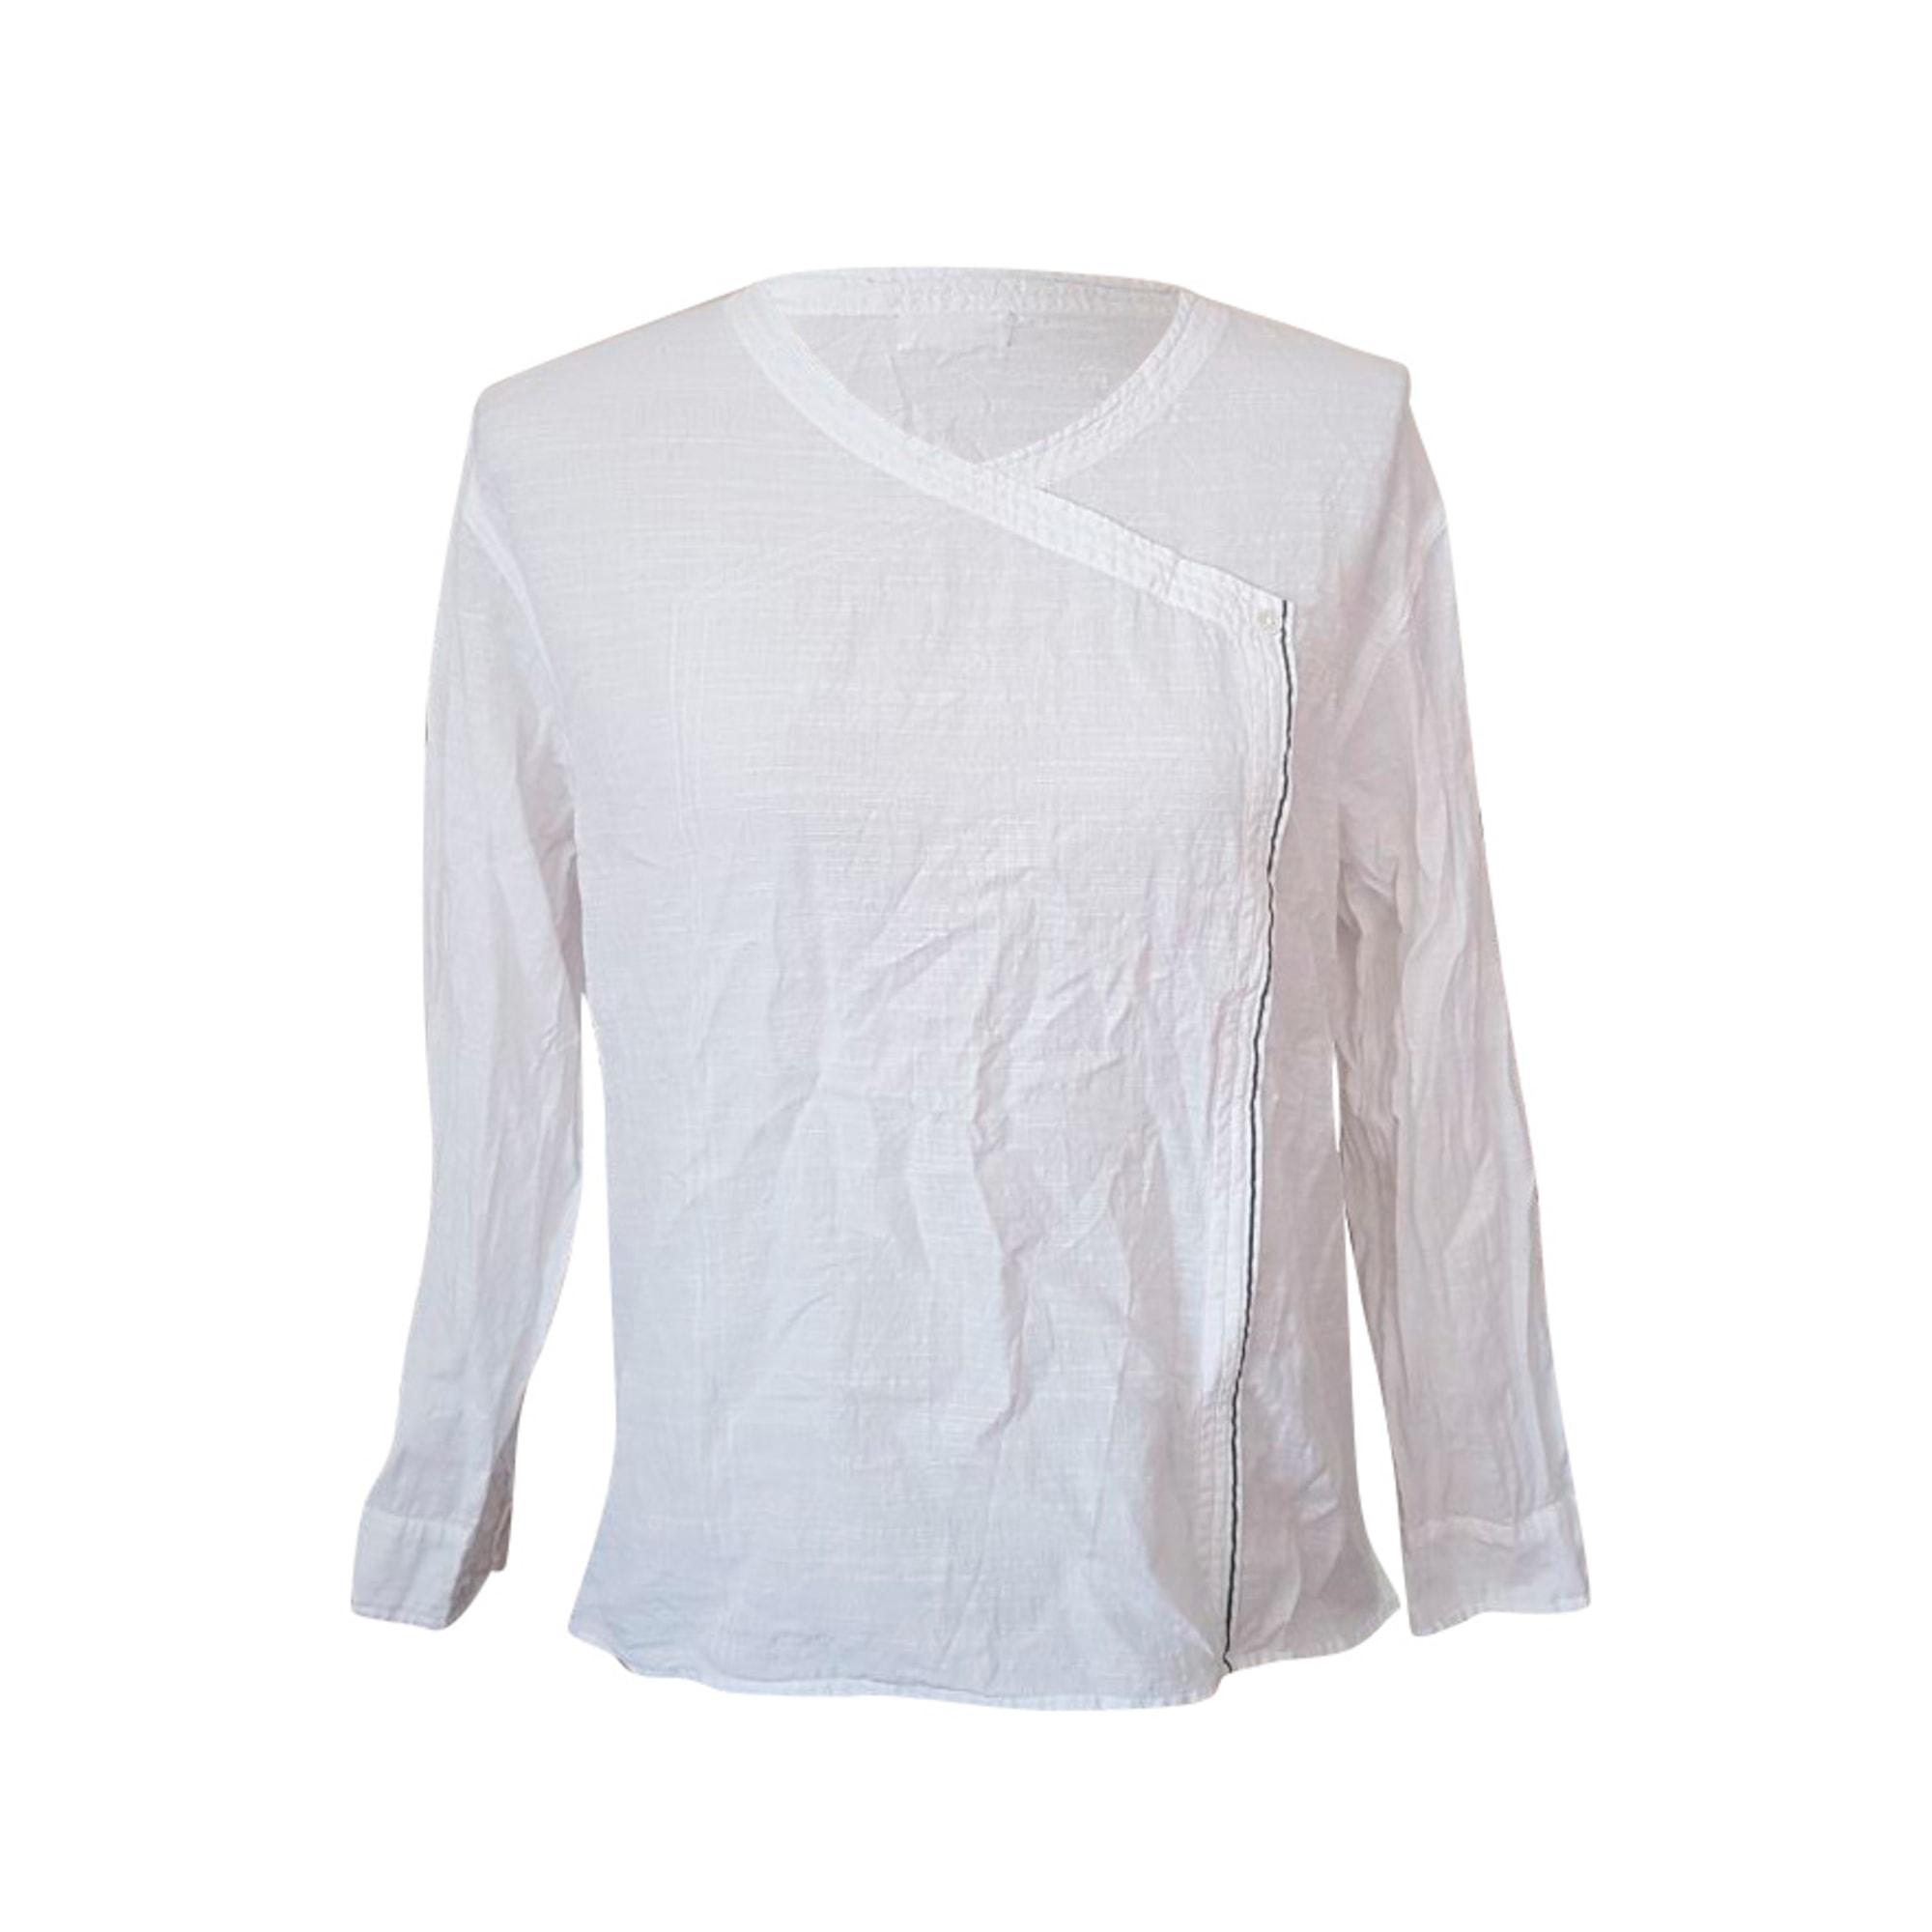 Blouse SOEUR Blanc, blanc cassé, écru